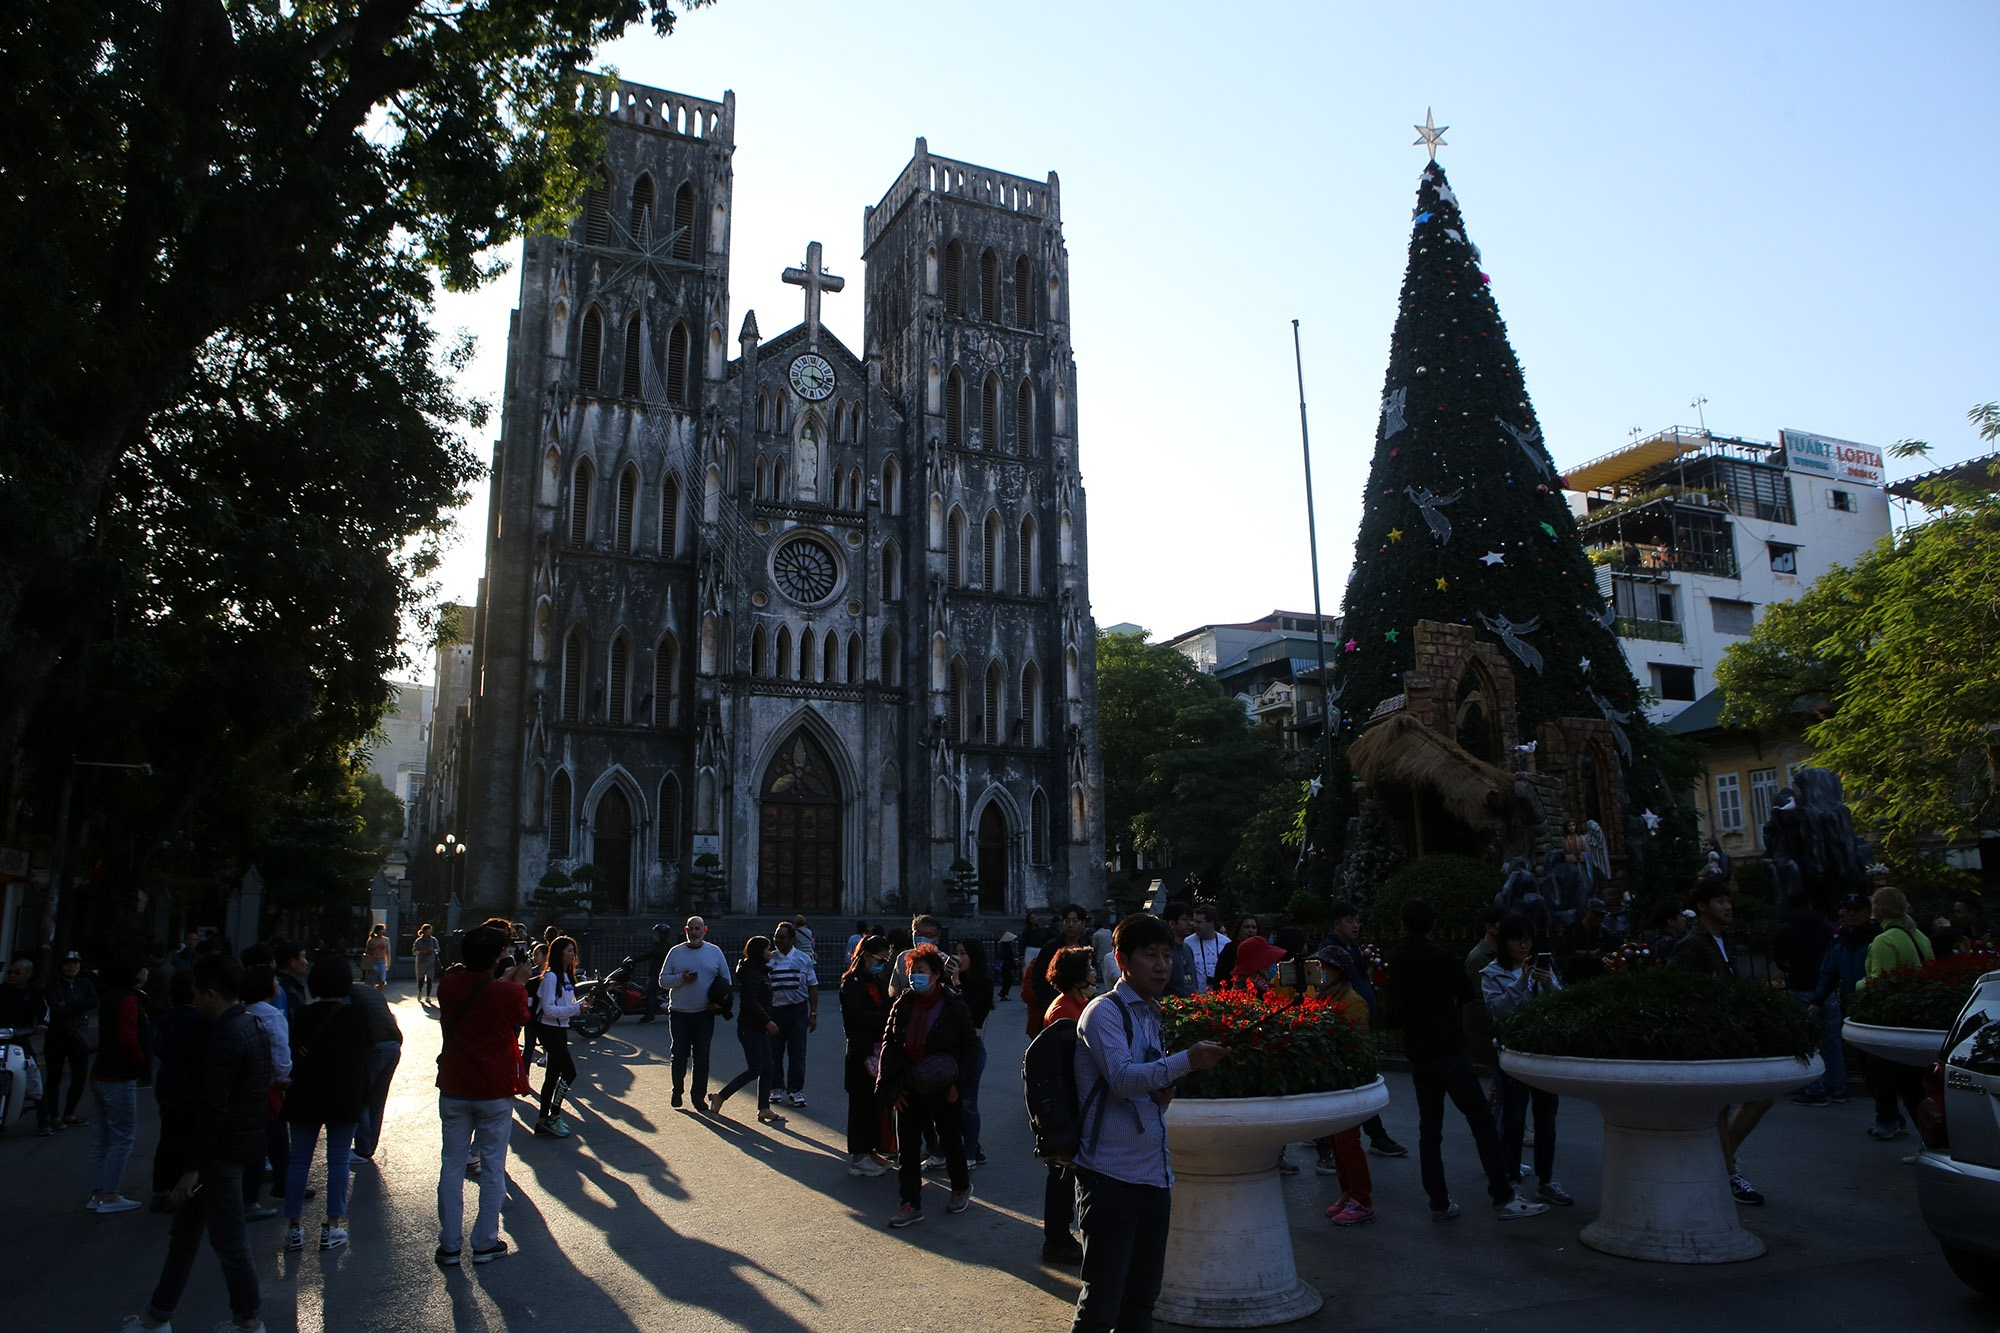 Các nhà thờ ở Hà Nội trang hoàng đón Noel 2019 - 1